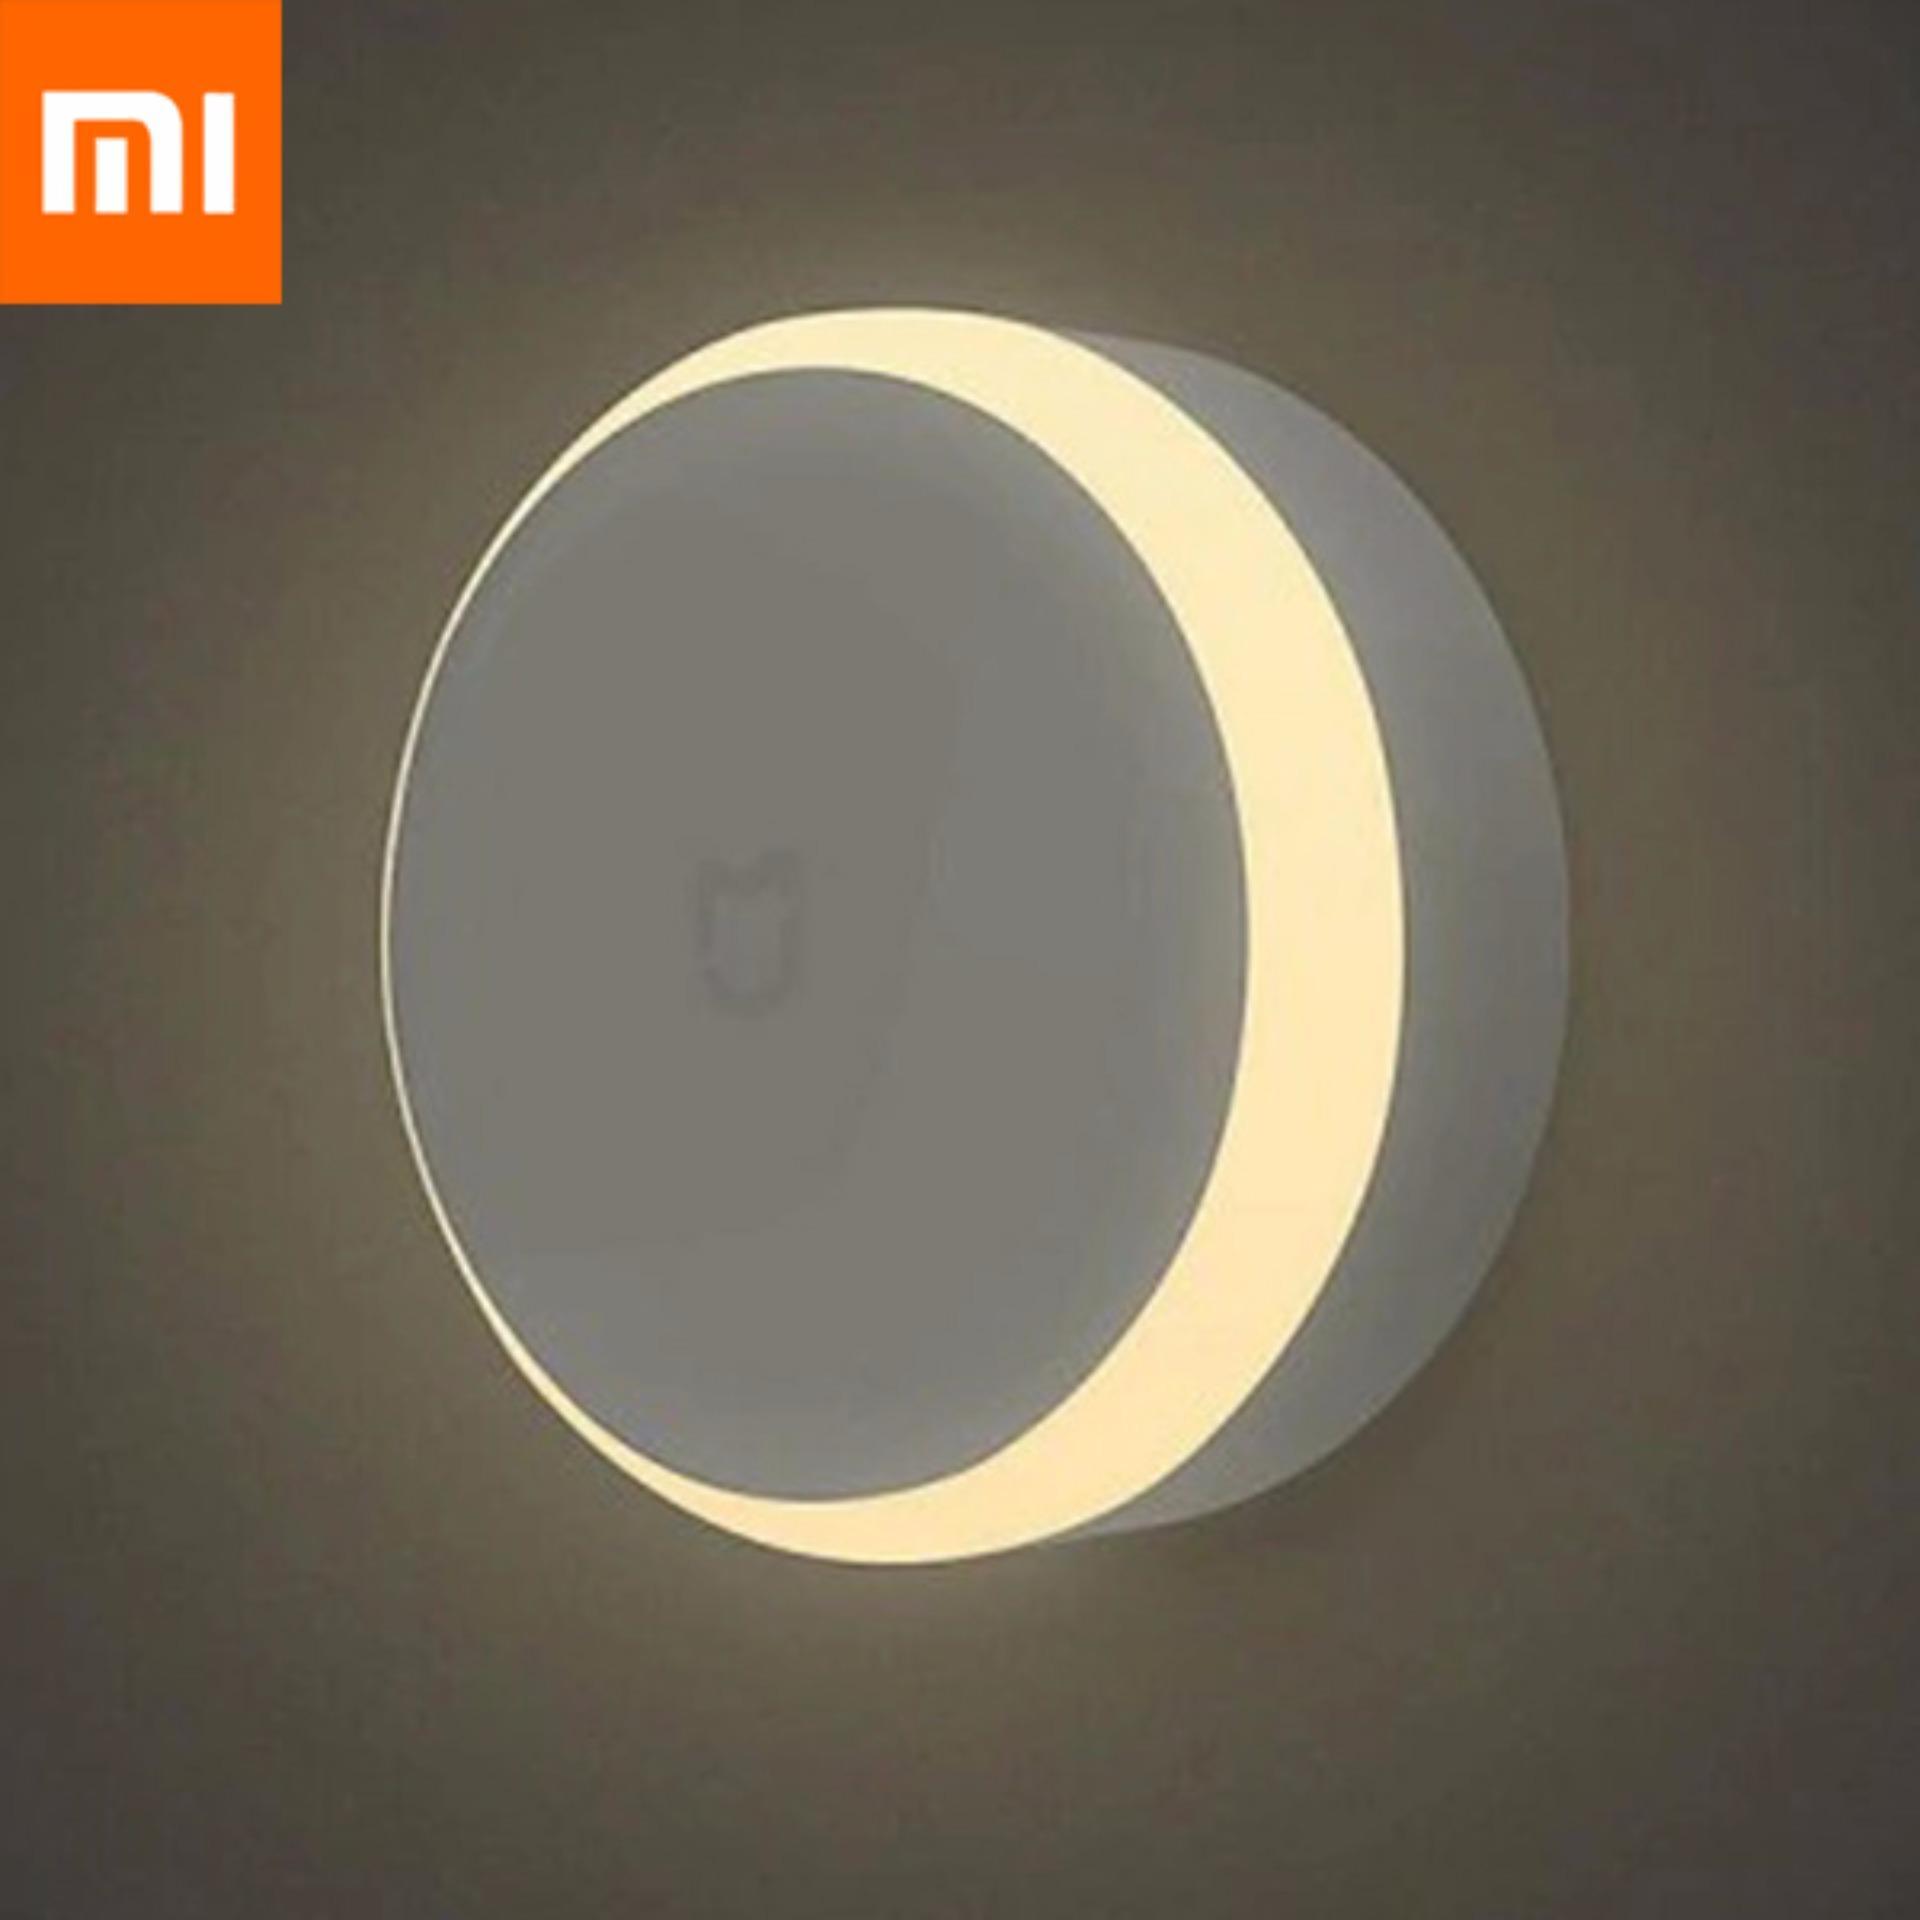 Xiaomi Mijia Photosensitive and IR Sensor Night Light